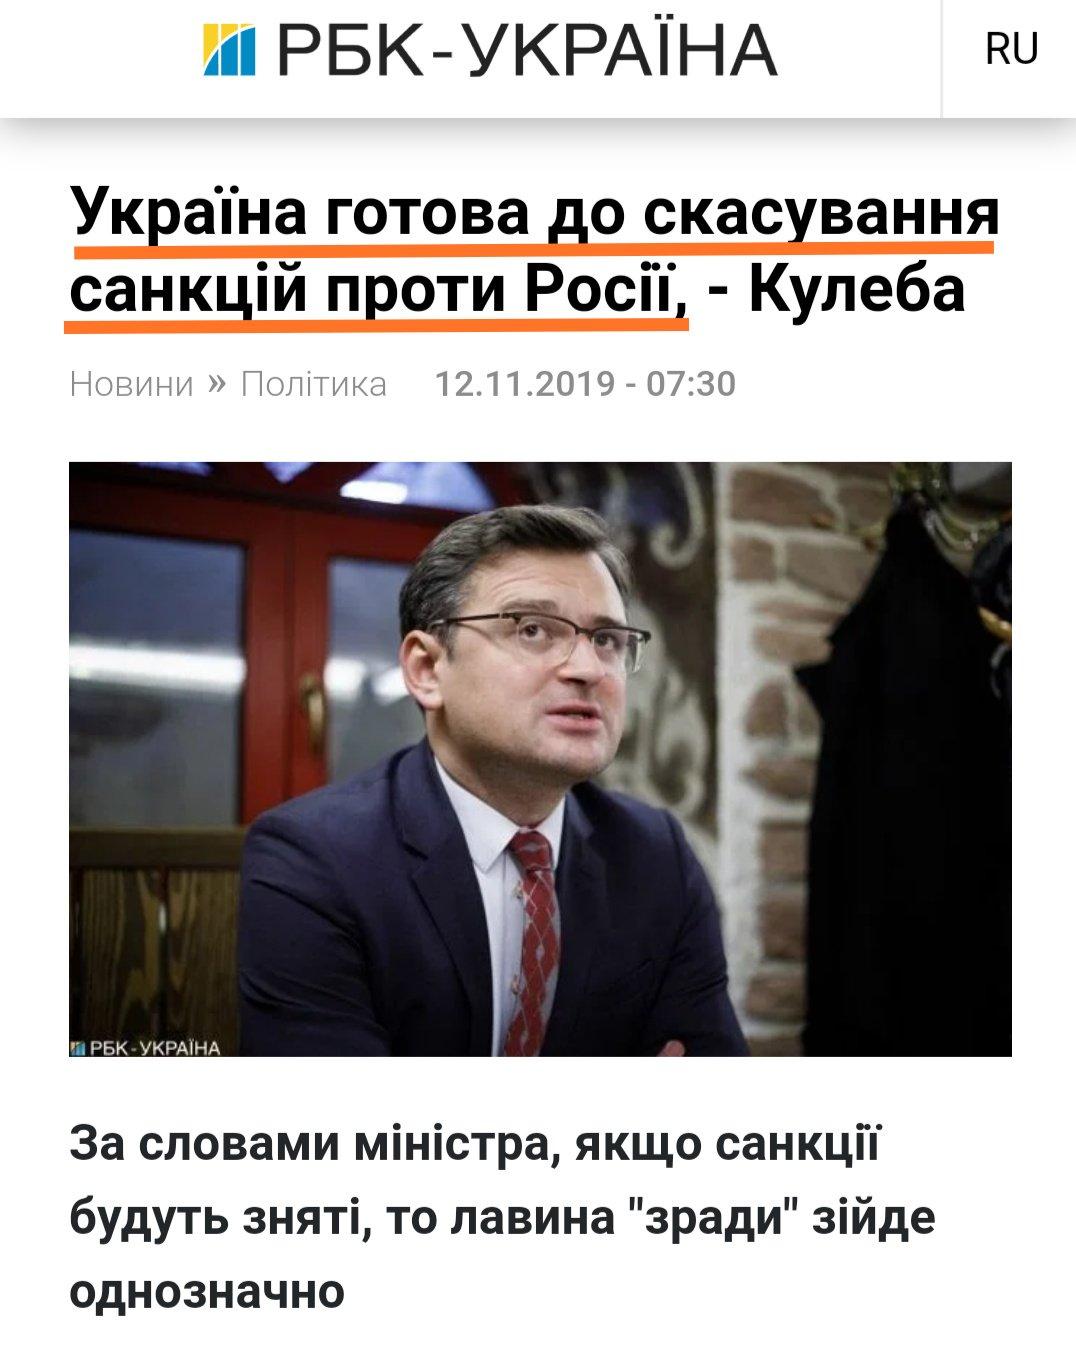 ЕС не снимет санкции с РФ до полного выполнения Минских договоренностей, - советник президента ЕК по Украине Брок - Цензор.НЕТ 7000